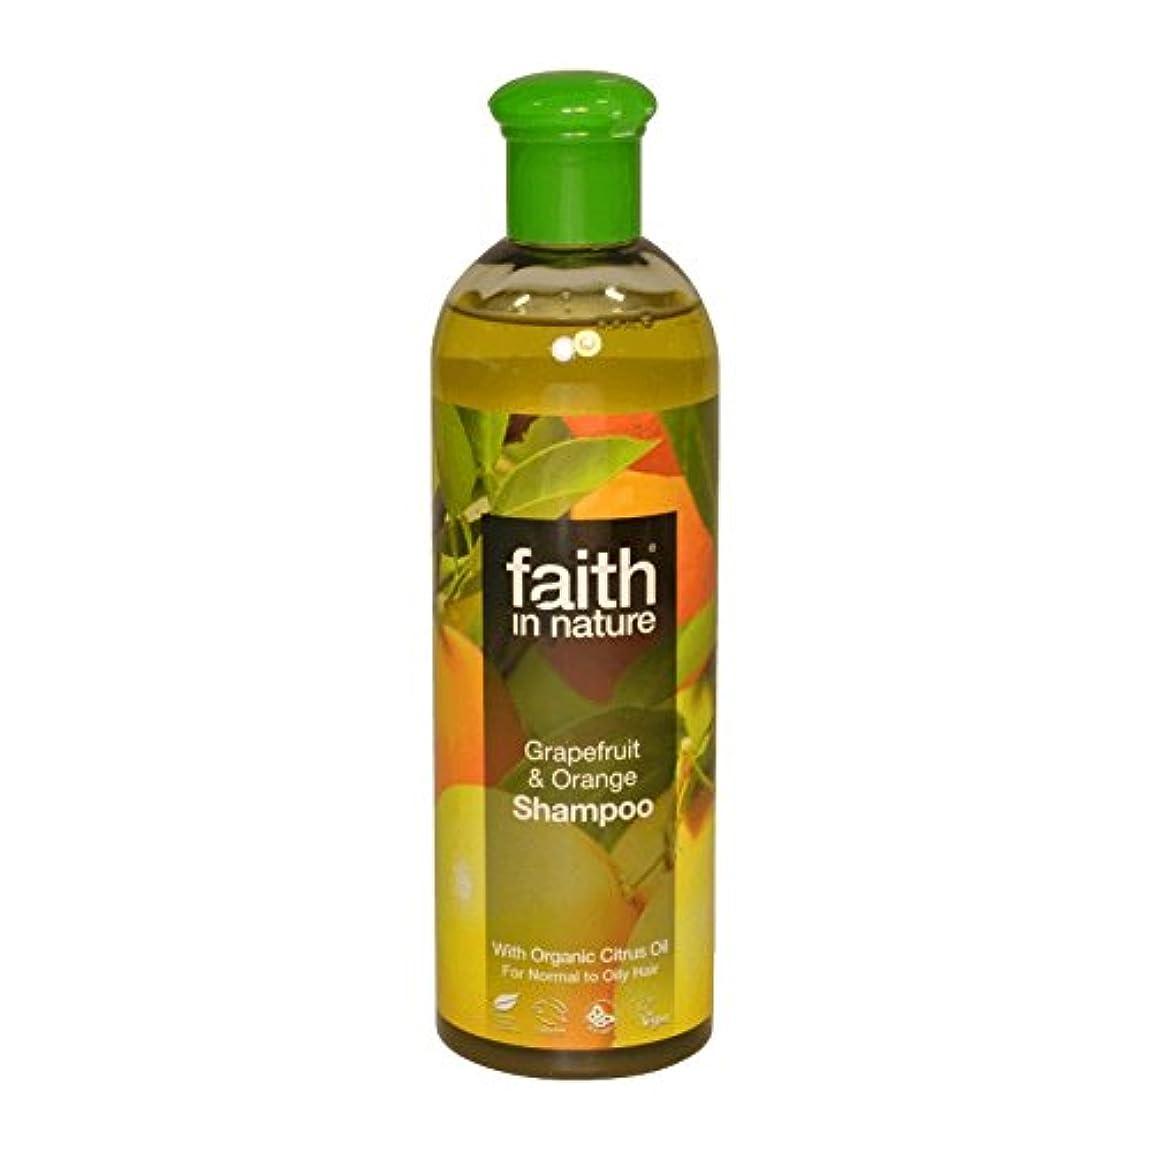 おそらく変わる安らぎFaith in Nature Grapefruit & Orange Shampoo 400ml (Pack of 2) - 自然グレープフルーツ&オレンジシャンプー400ミリリットルの信仰 (x2) [並行輸入品]